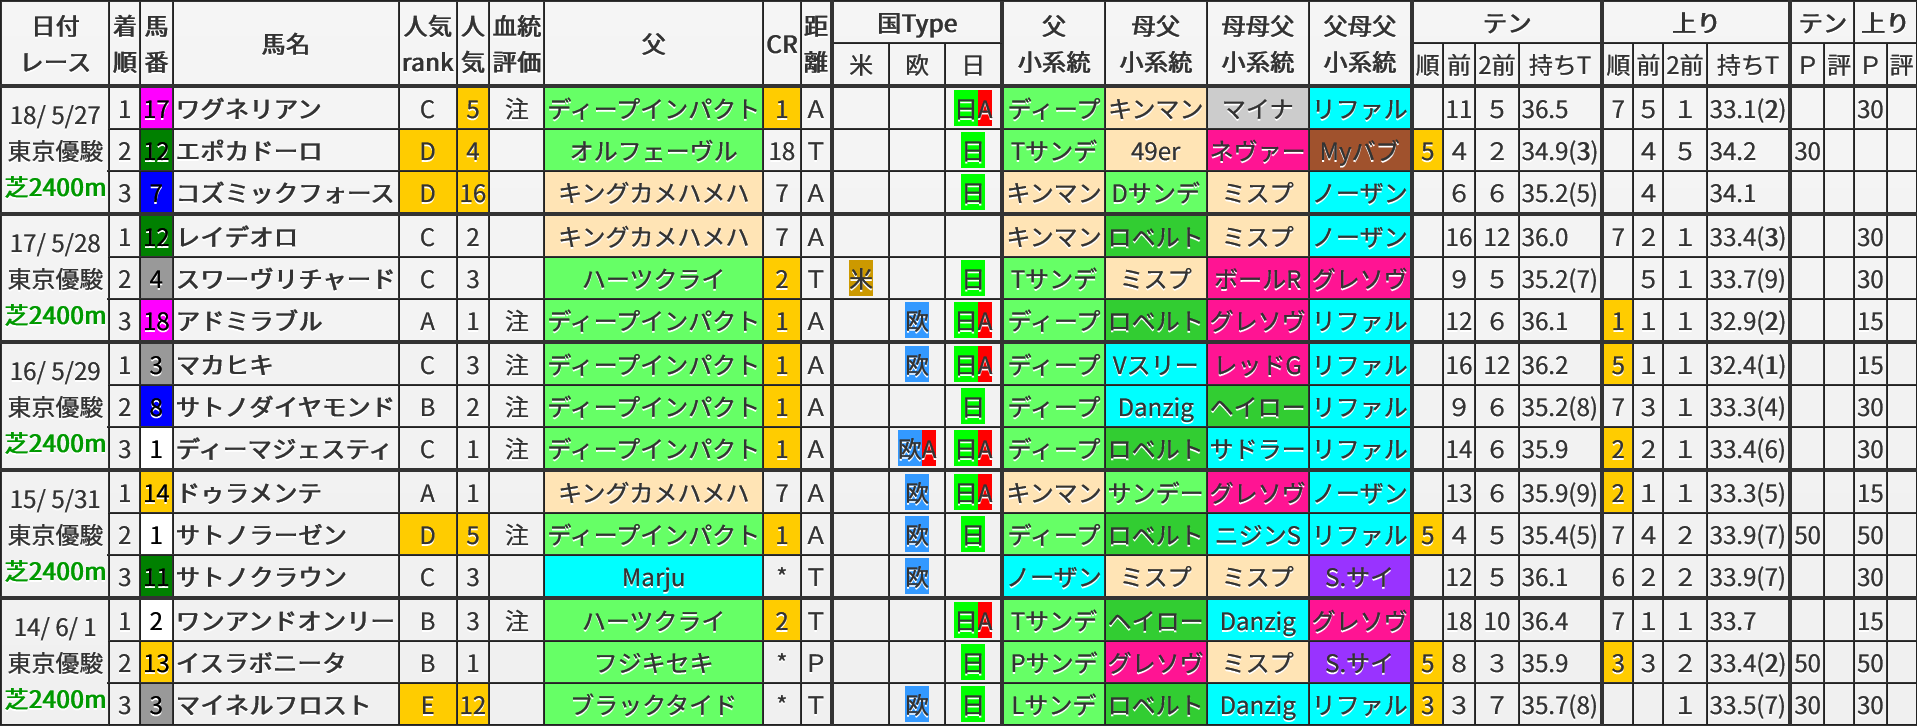 日本ダービー 過去5年ブラッドバイアス